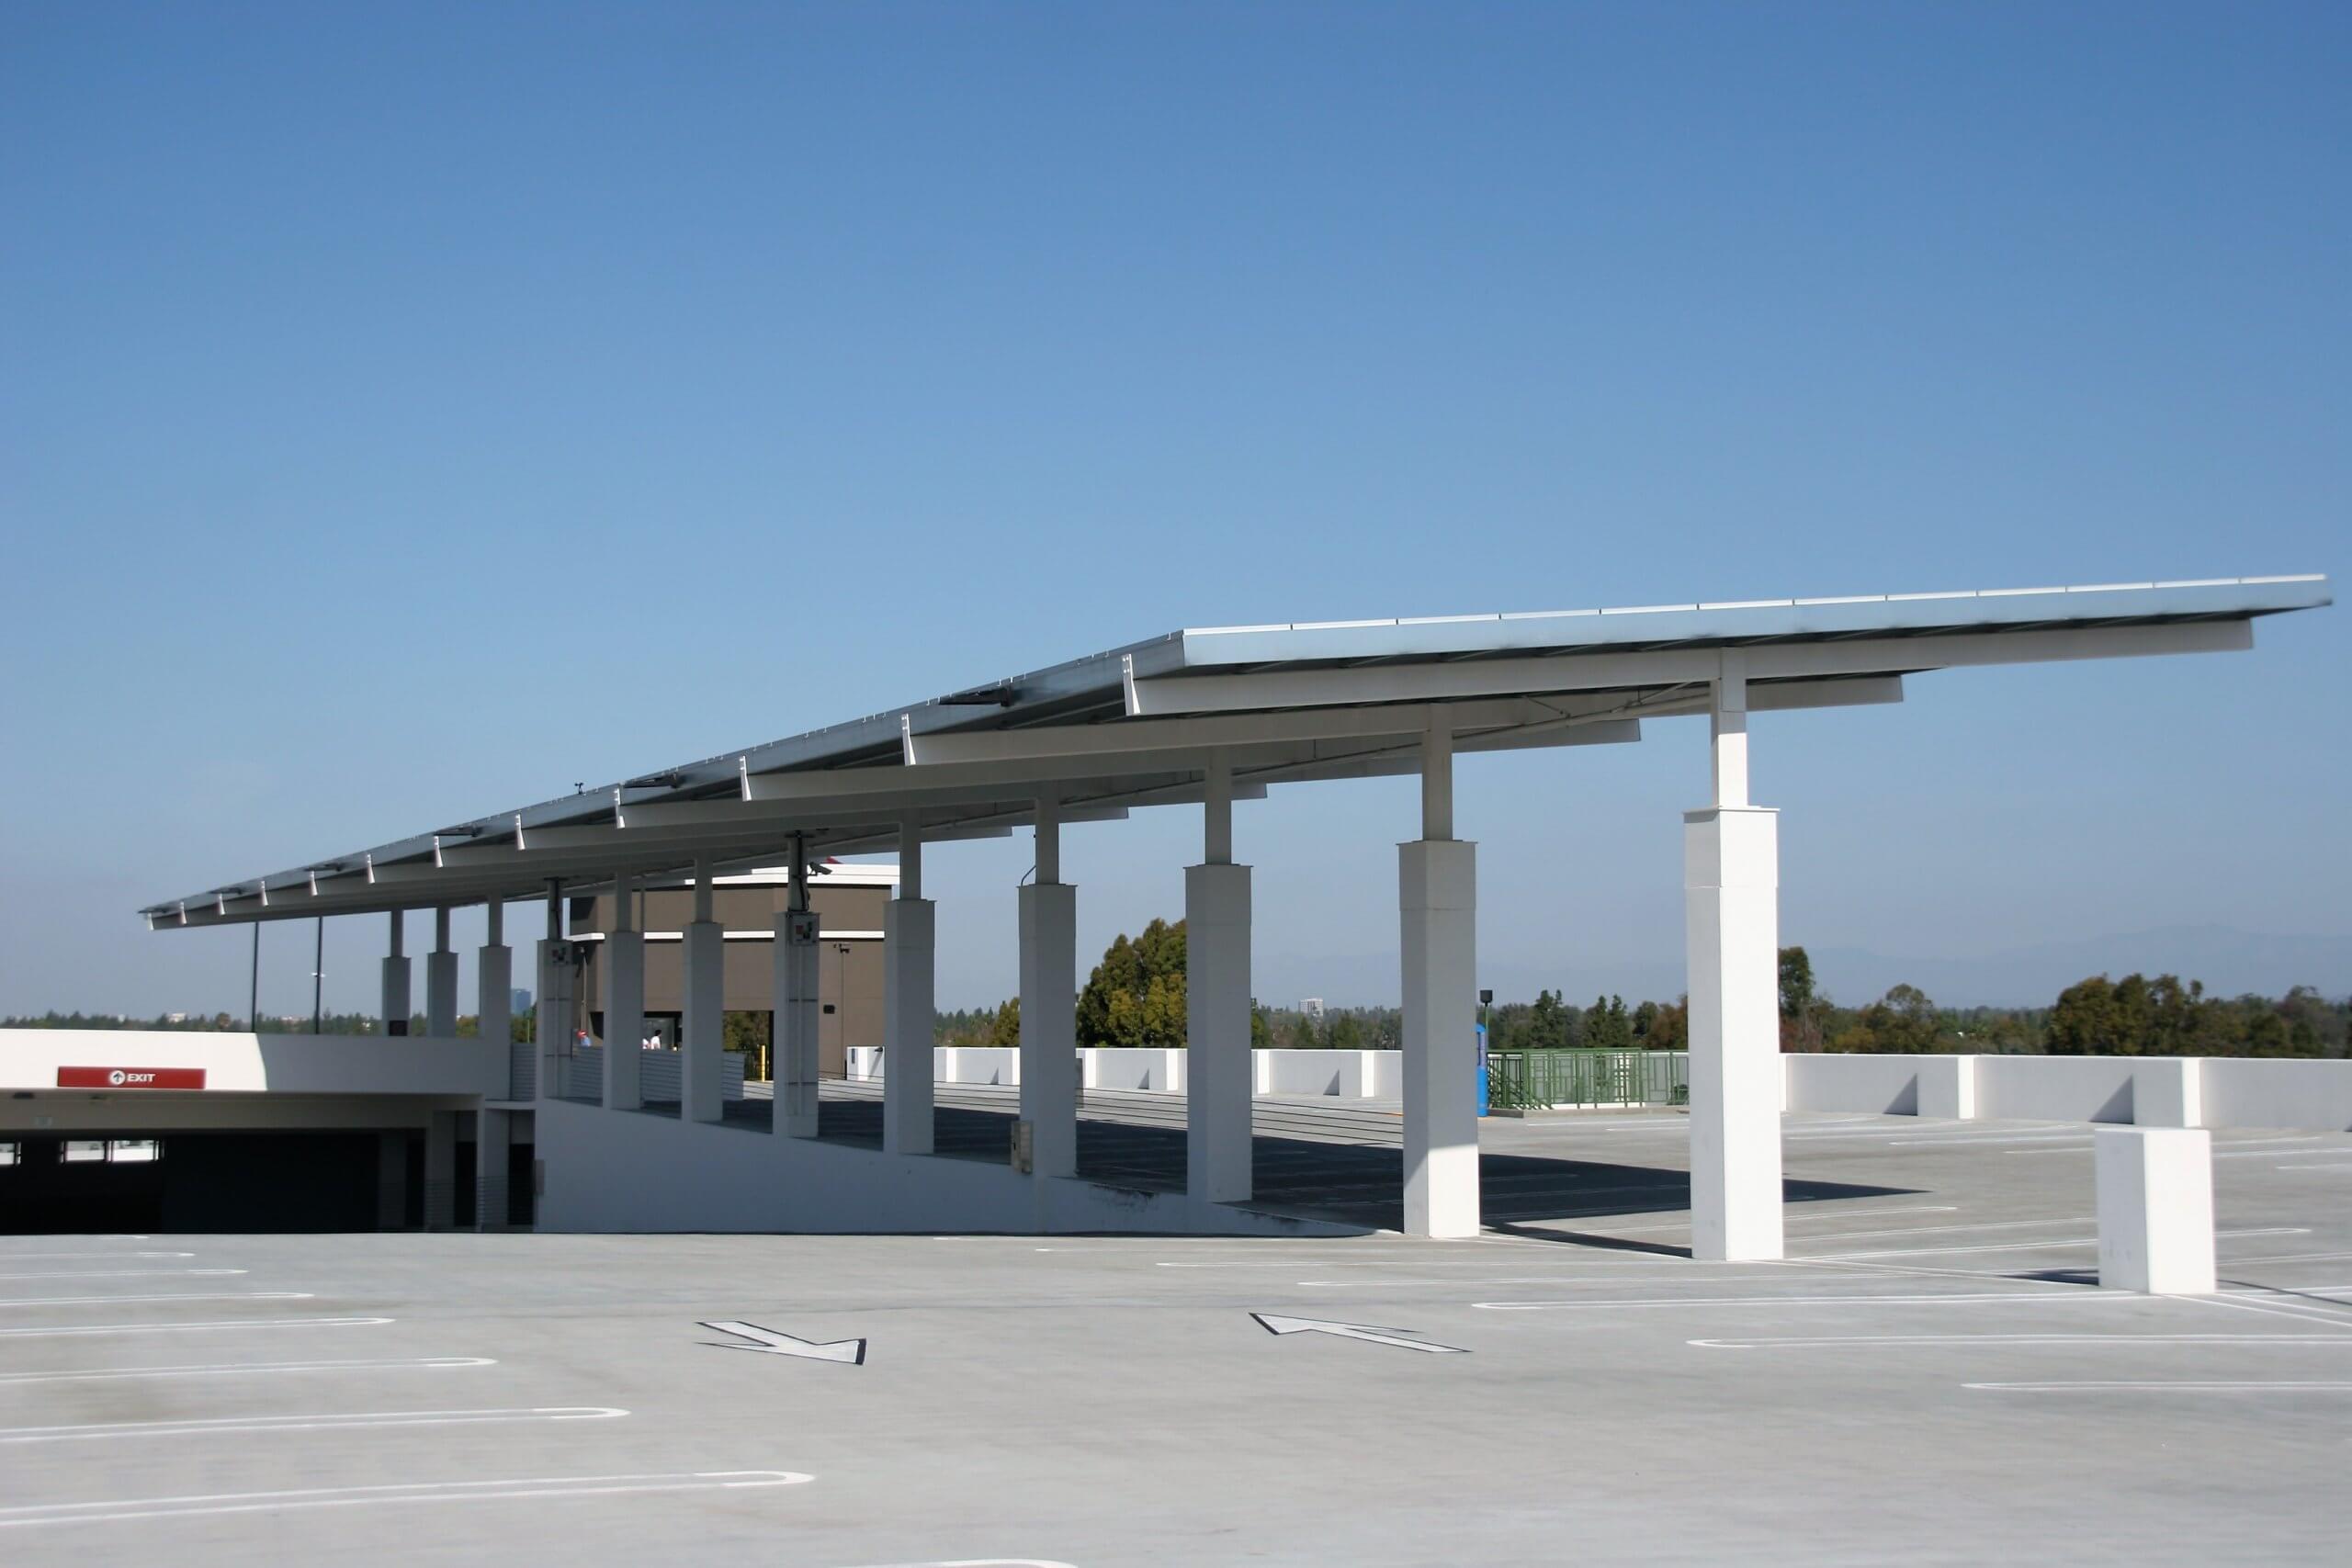 Parking Garage Carport